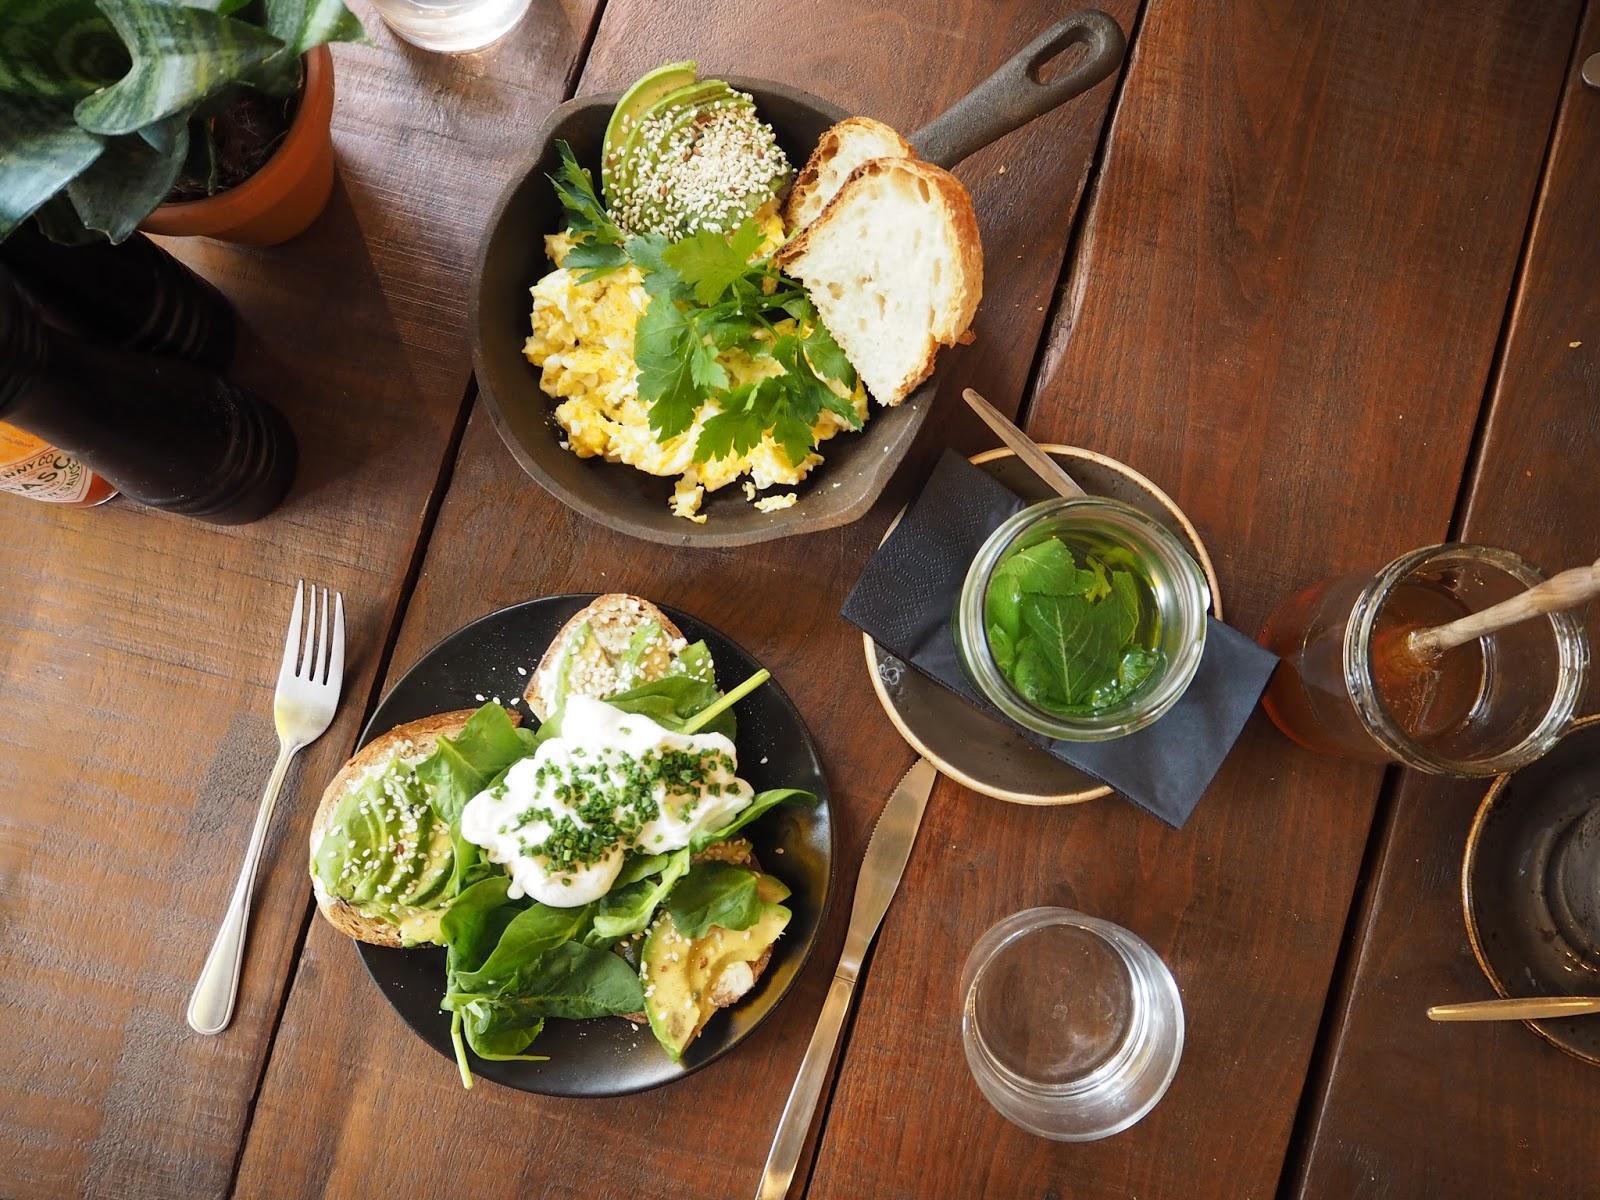 Breakfast brunch lunch at Roamers cafe in Berlin